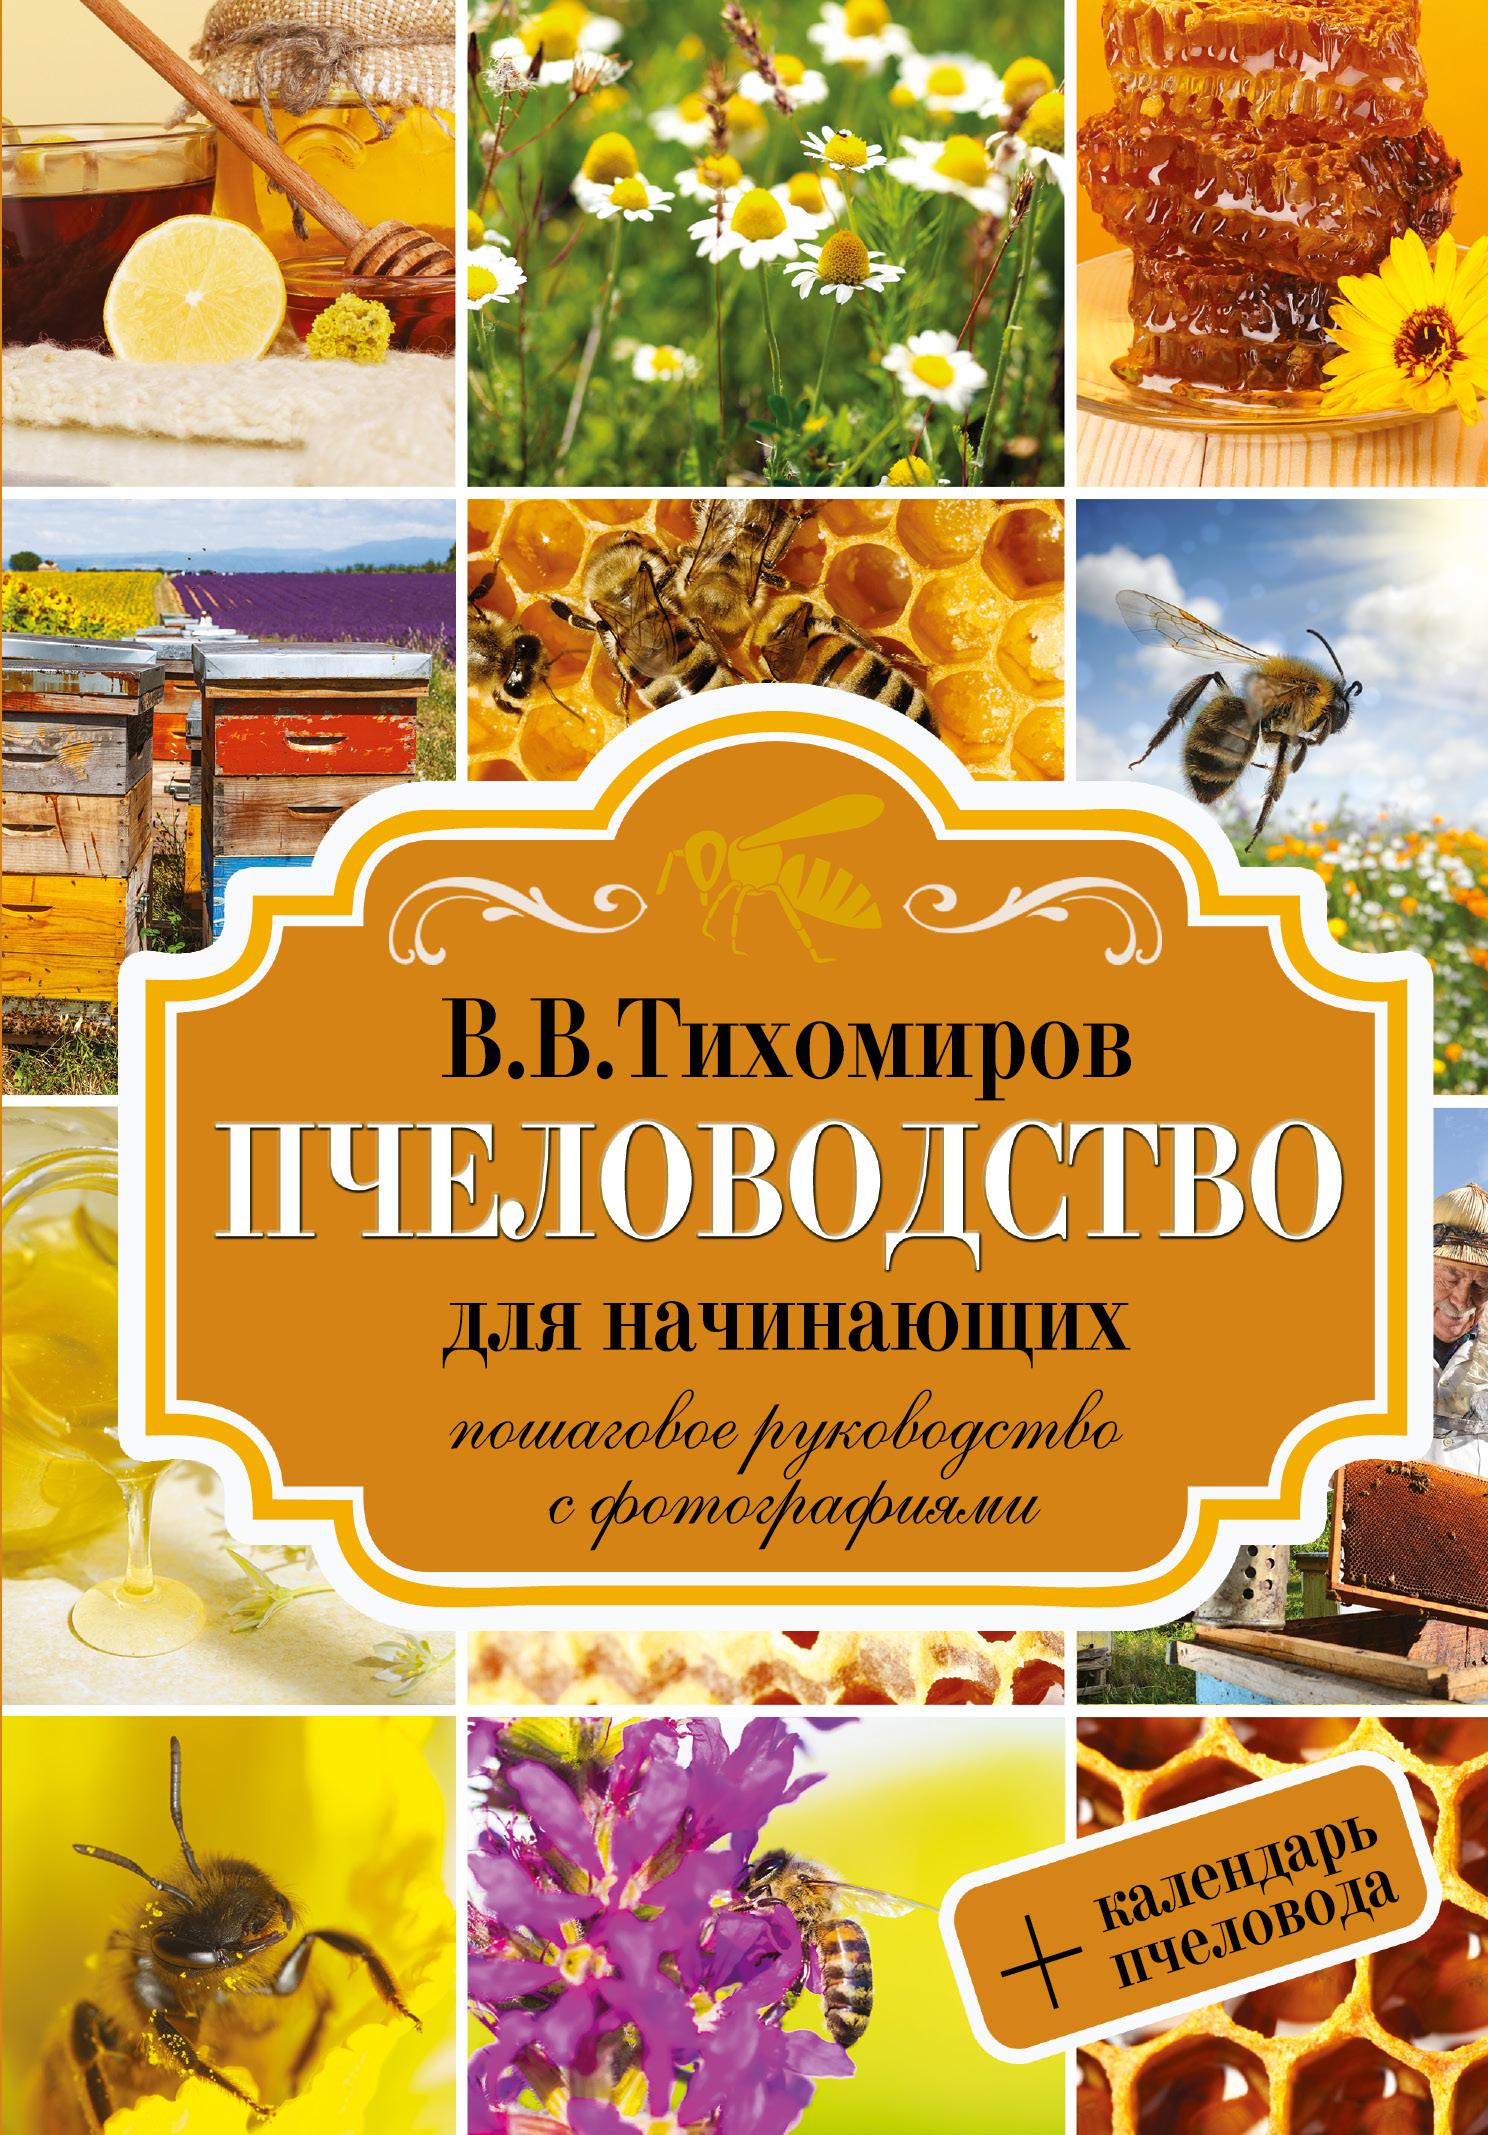 Пчеловодство для начинающих. Пошаговое руководство для начинающих